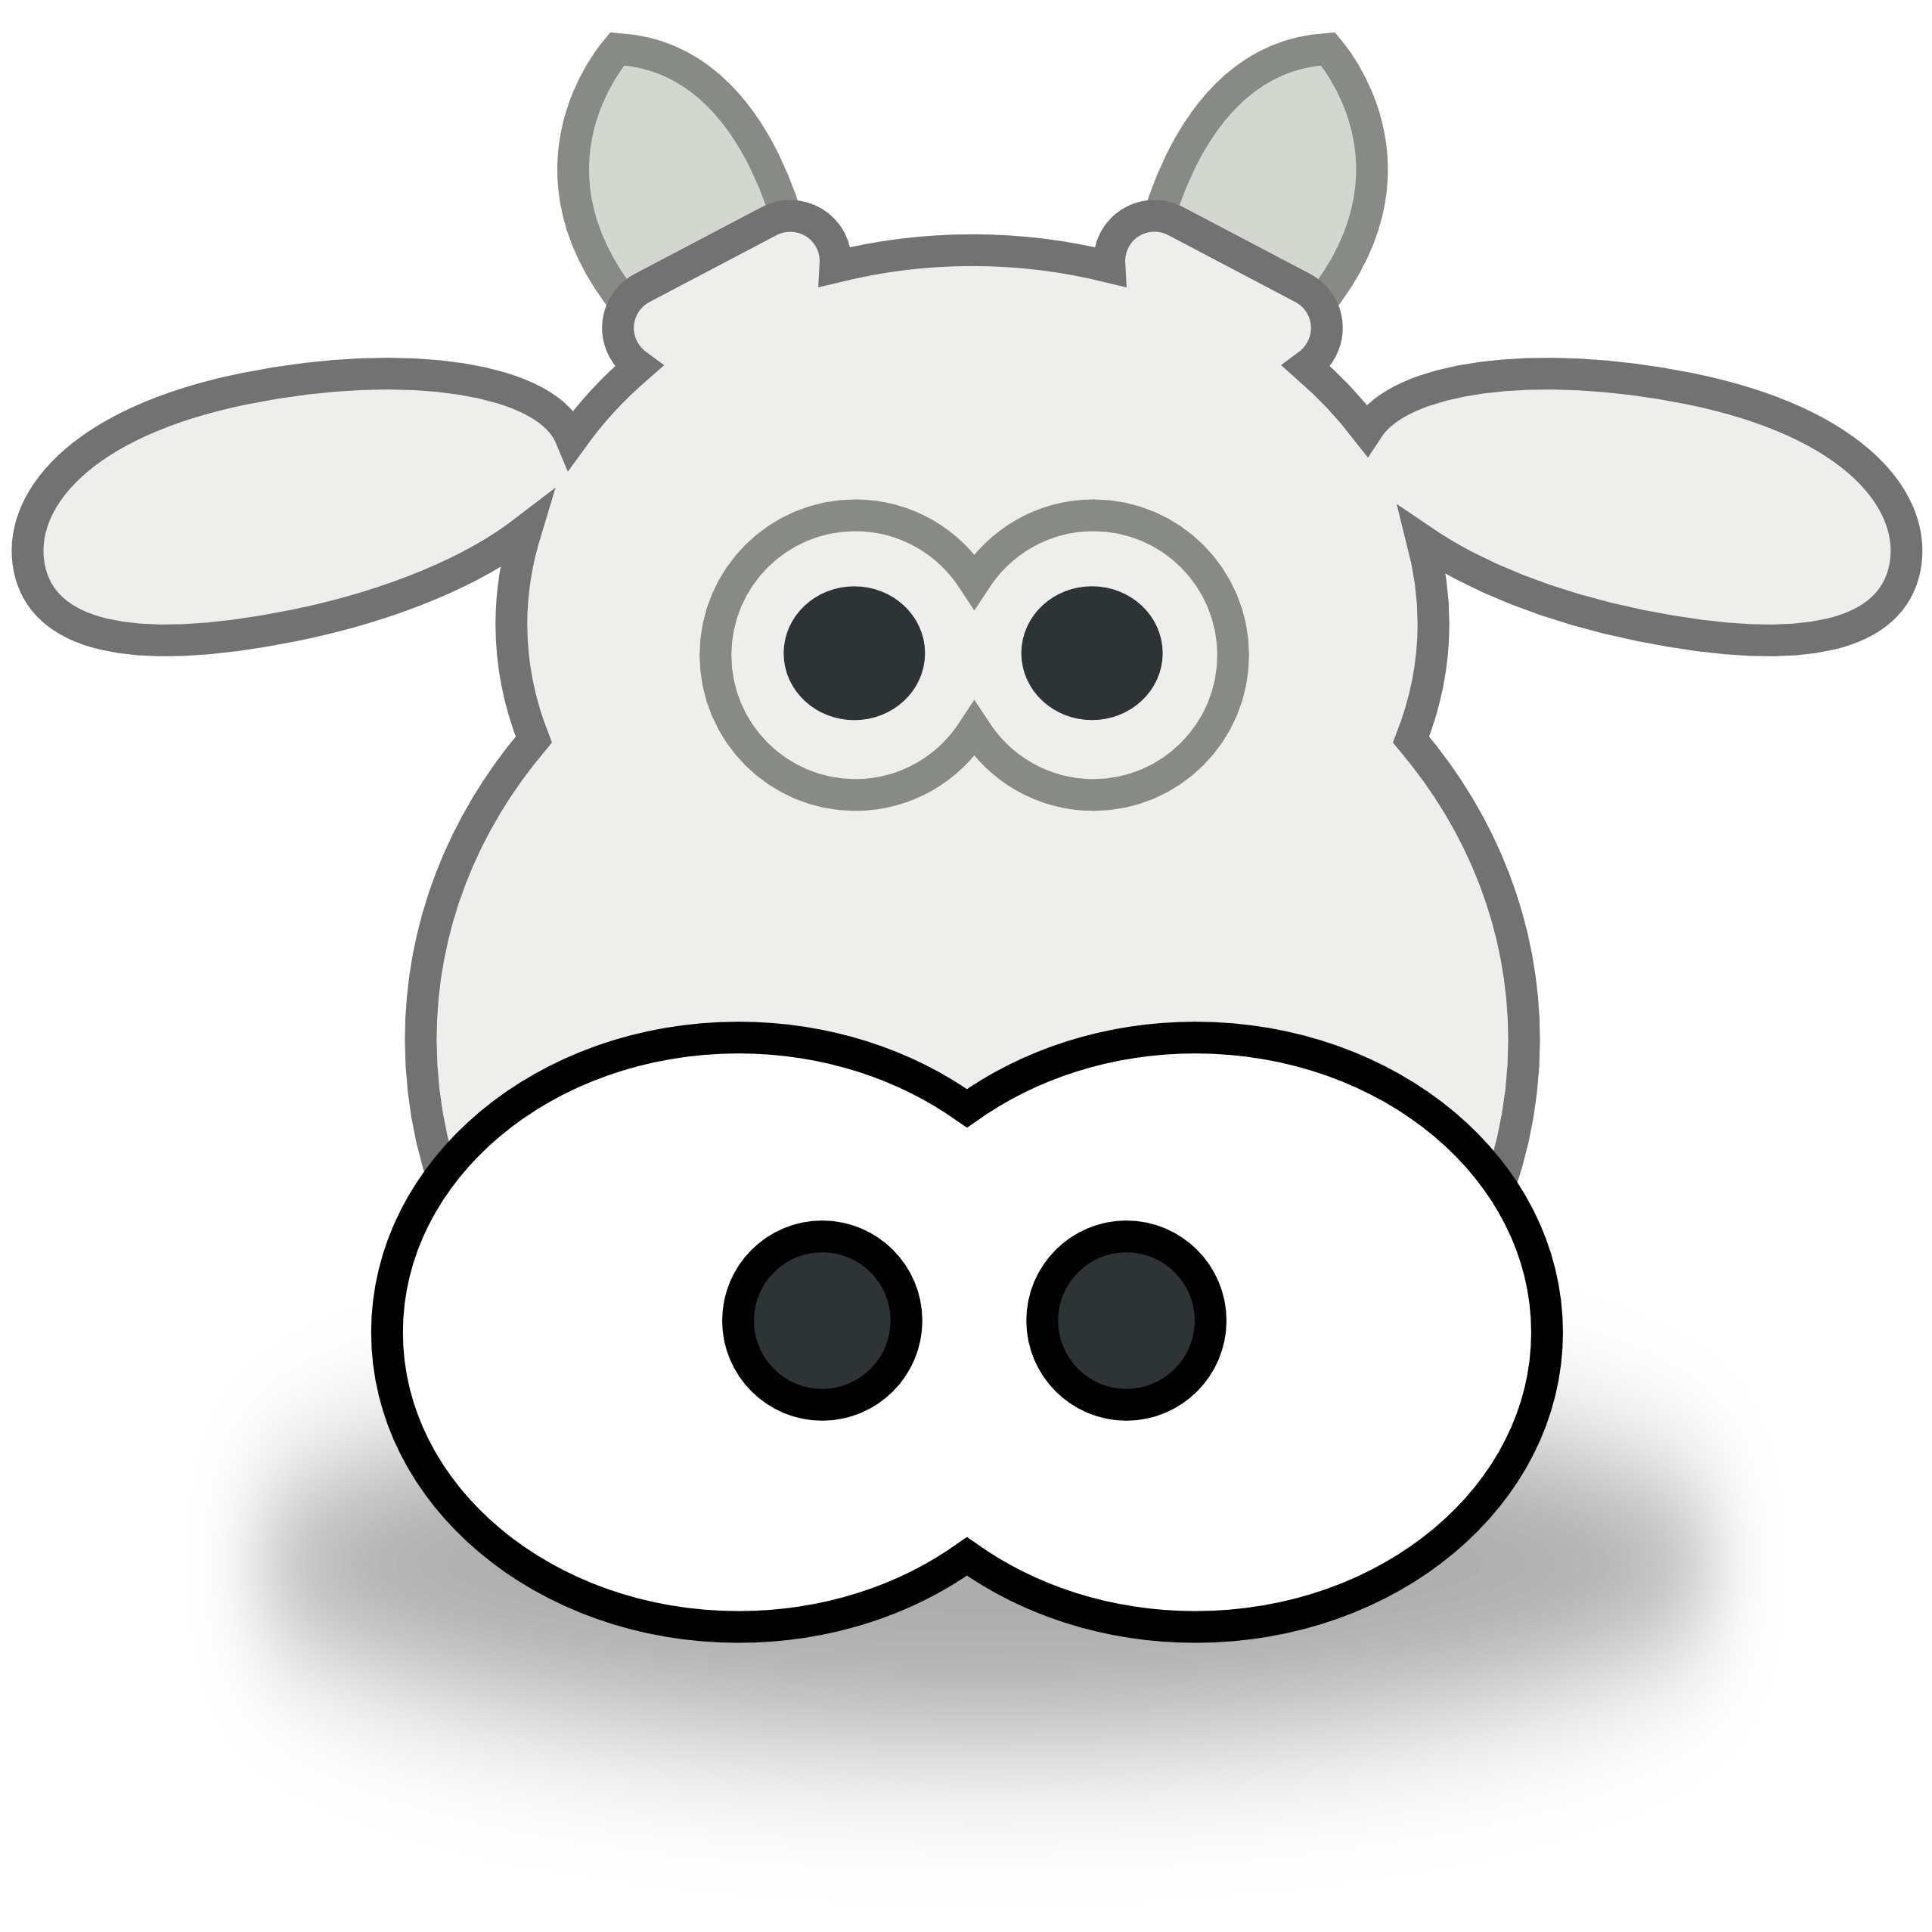 cow head clipart clipart panda free clipart images rh clipartpanda com cow head clip art black and white cartoon cow head clip art